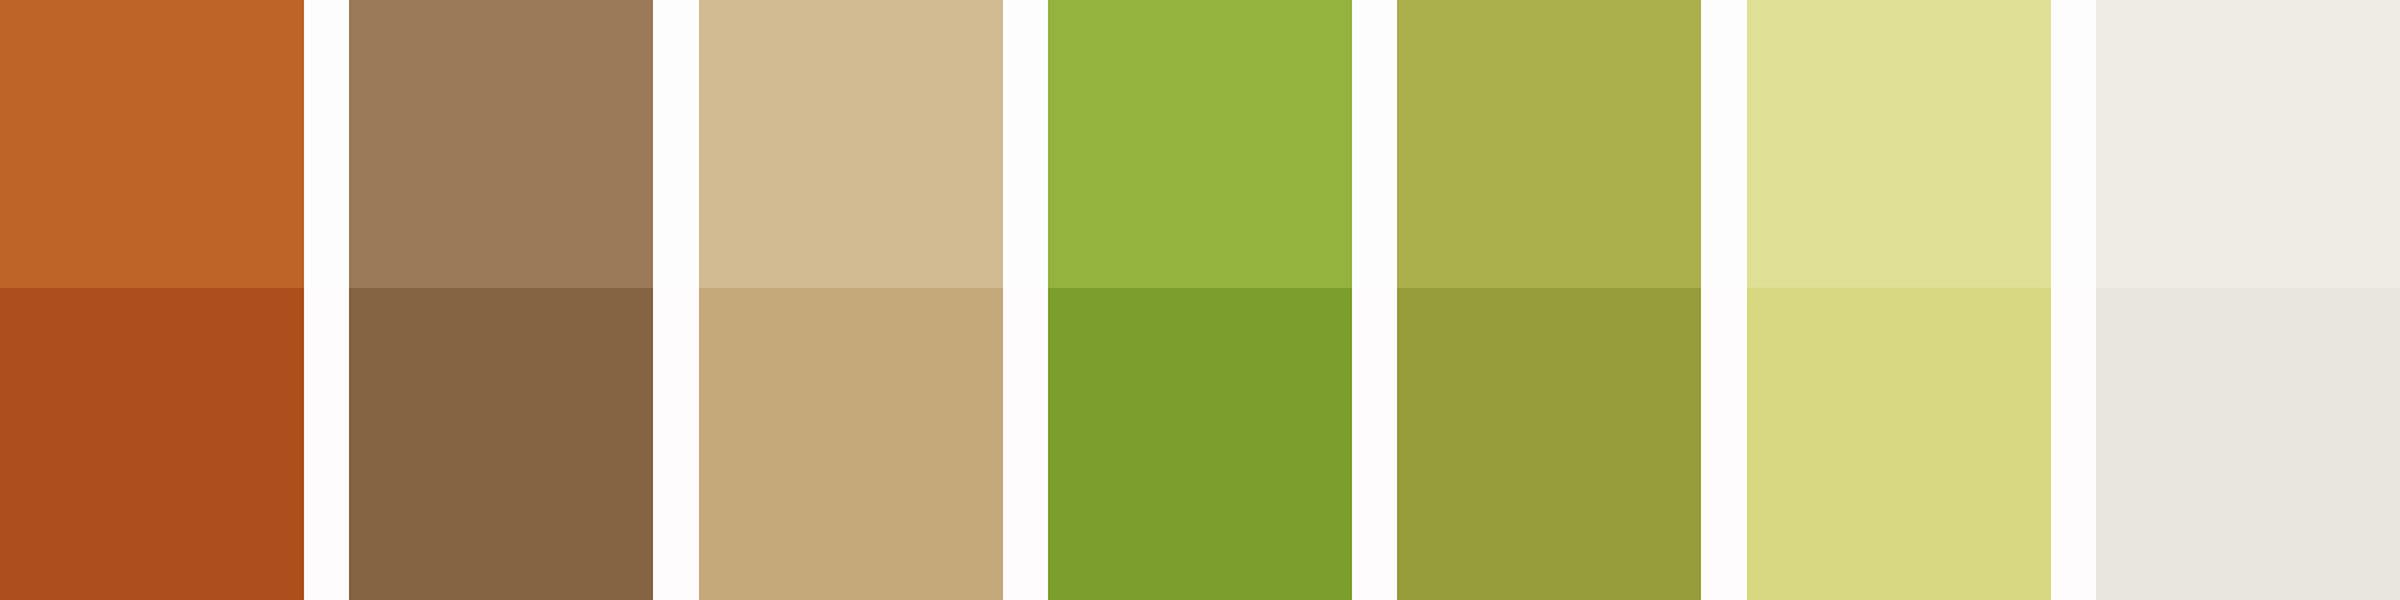 woodlandia color swatch